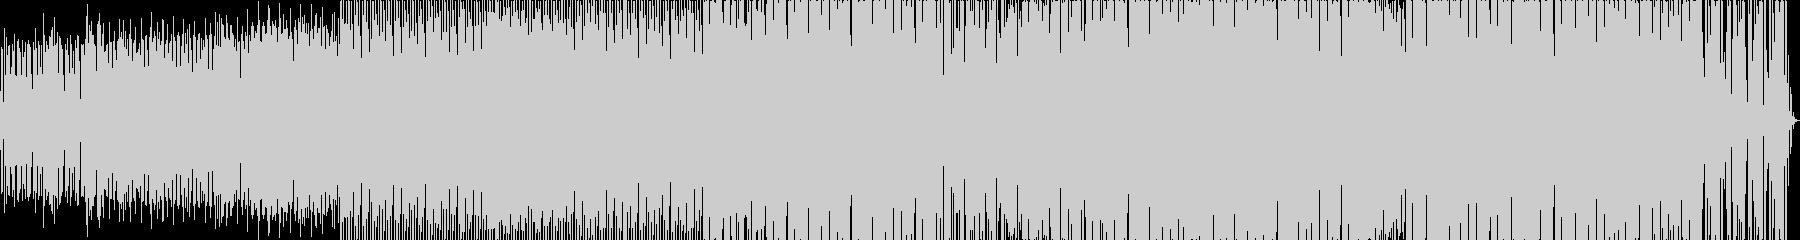 エレクトロニック 技術的な お洒落...の未再生の波形